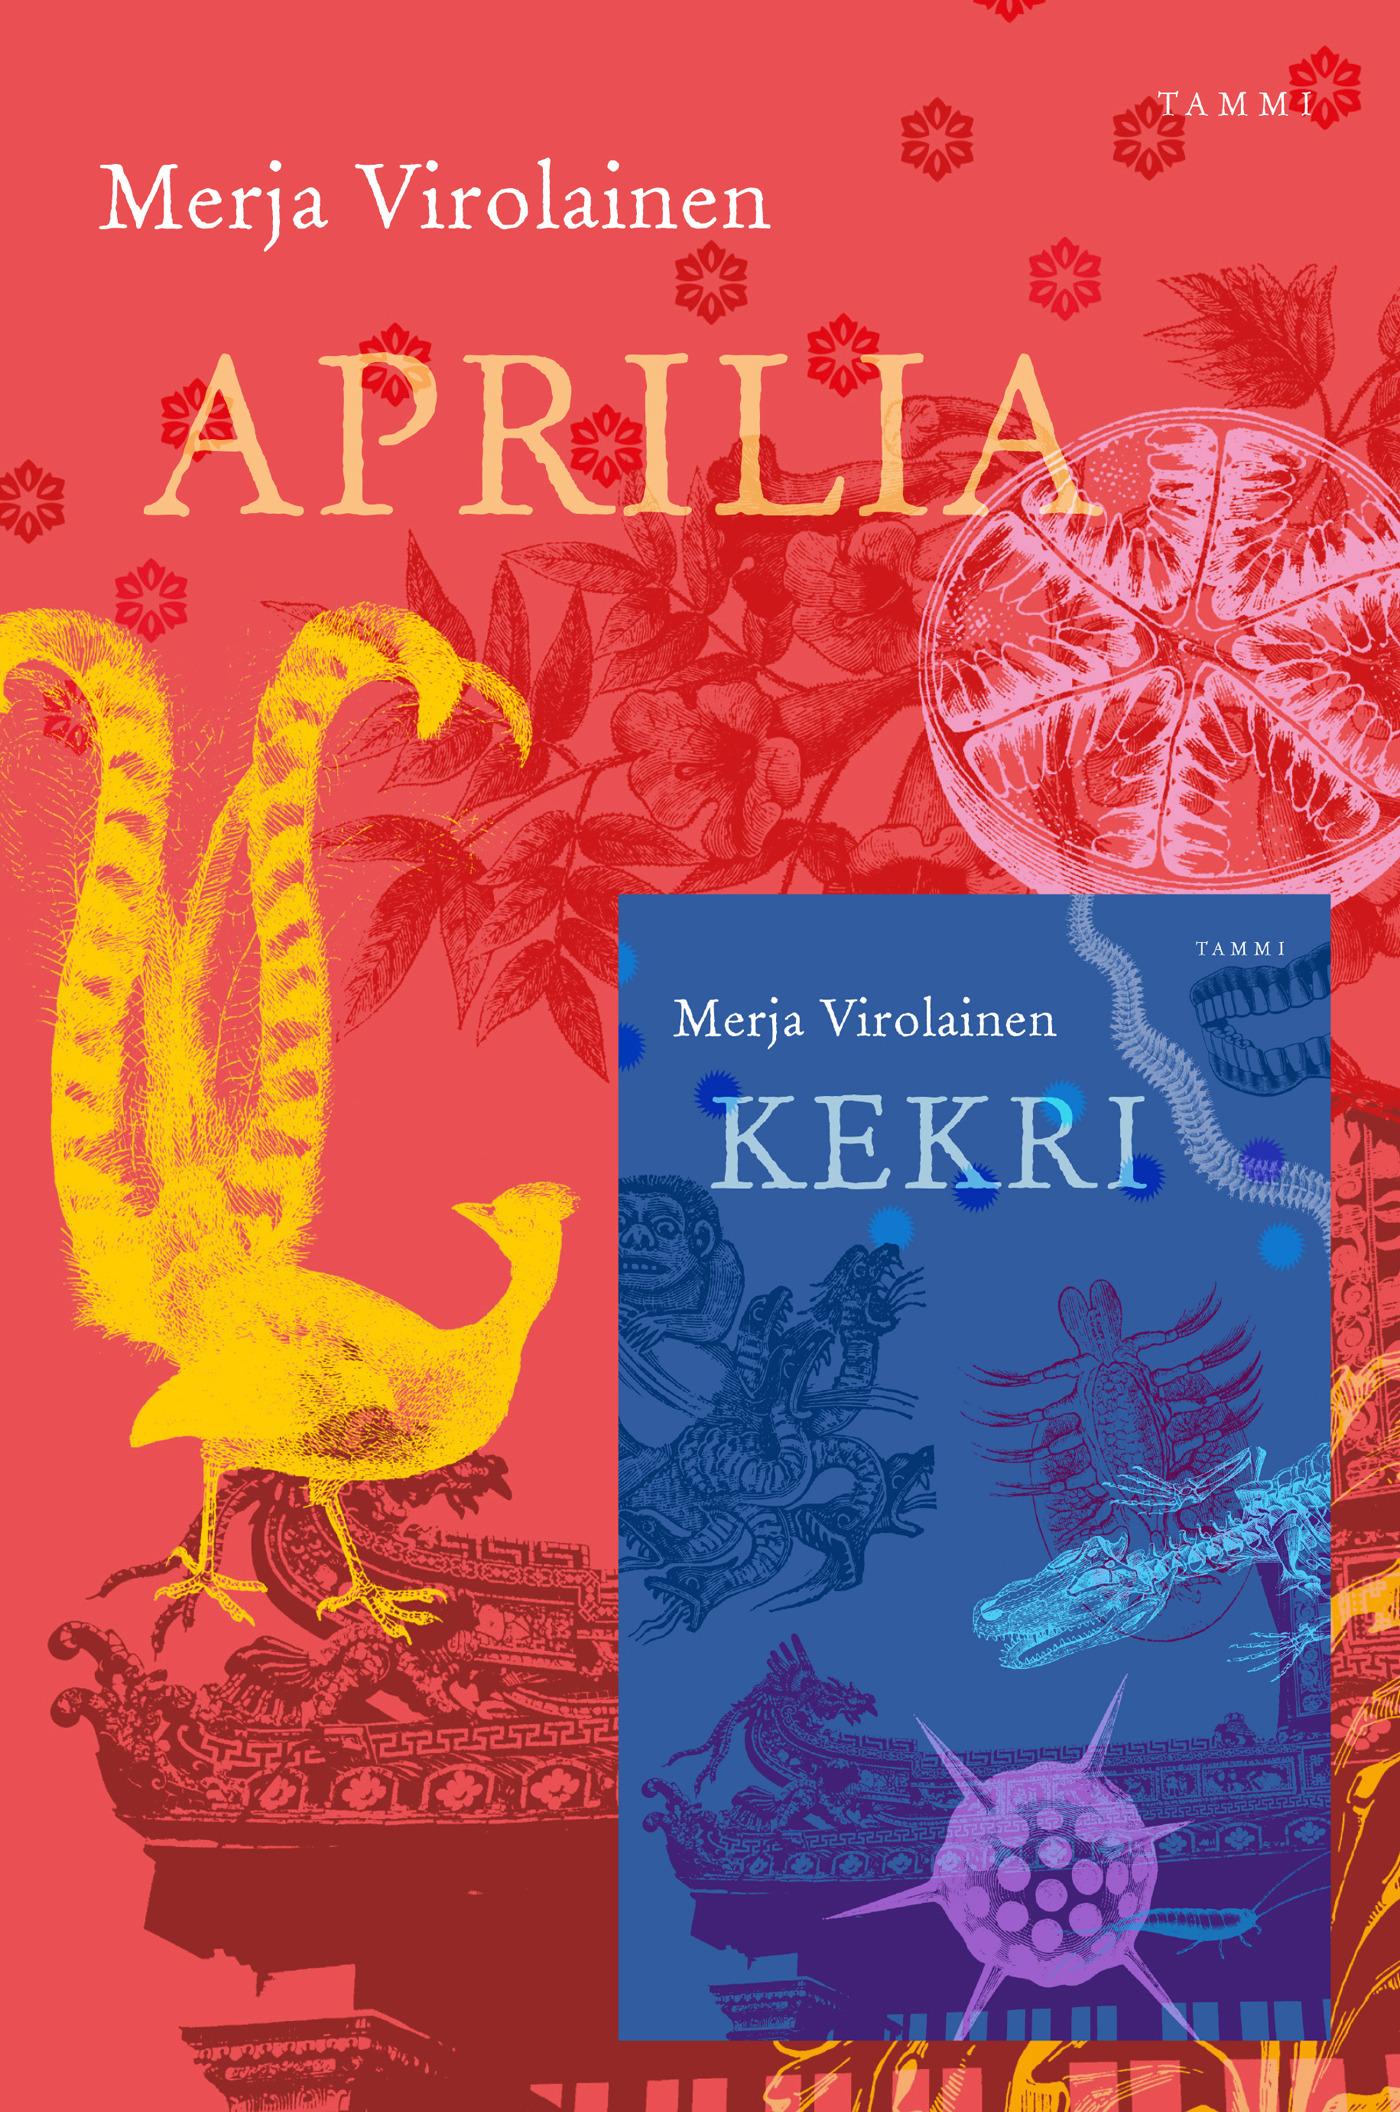 Virolainen, Merja - Aprilia/Kekri, ebook